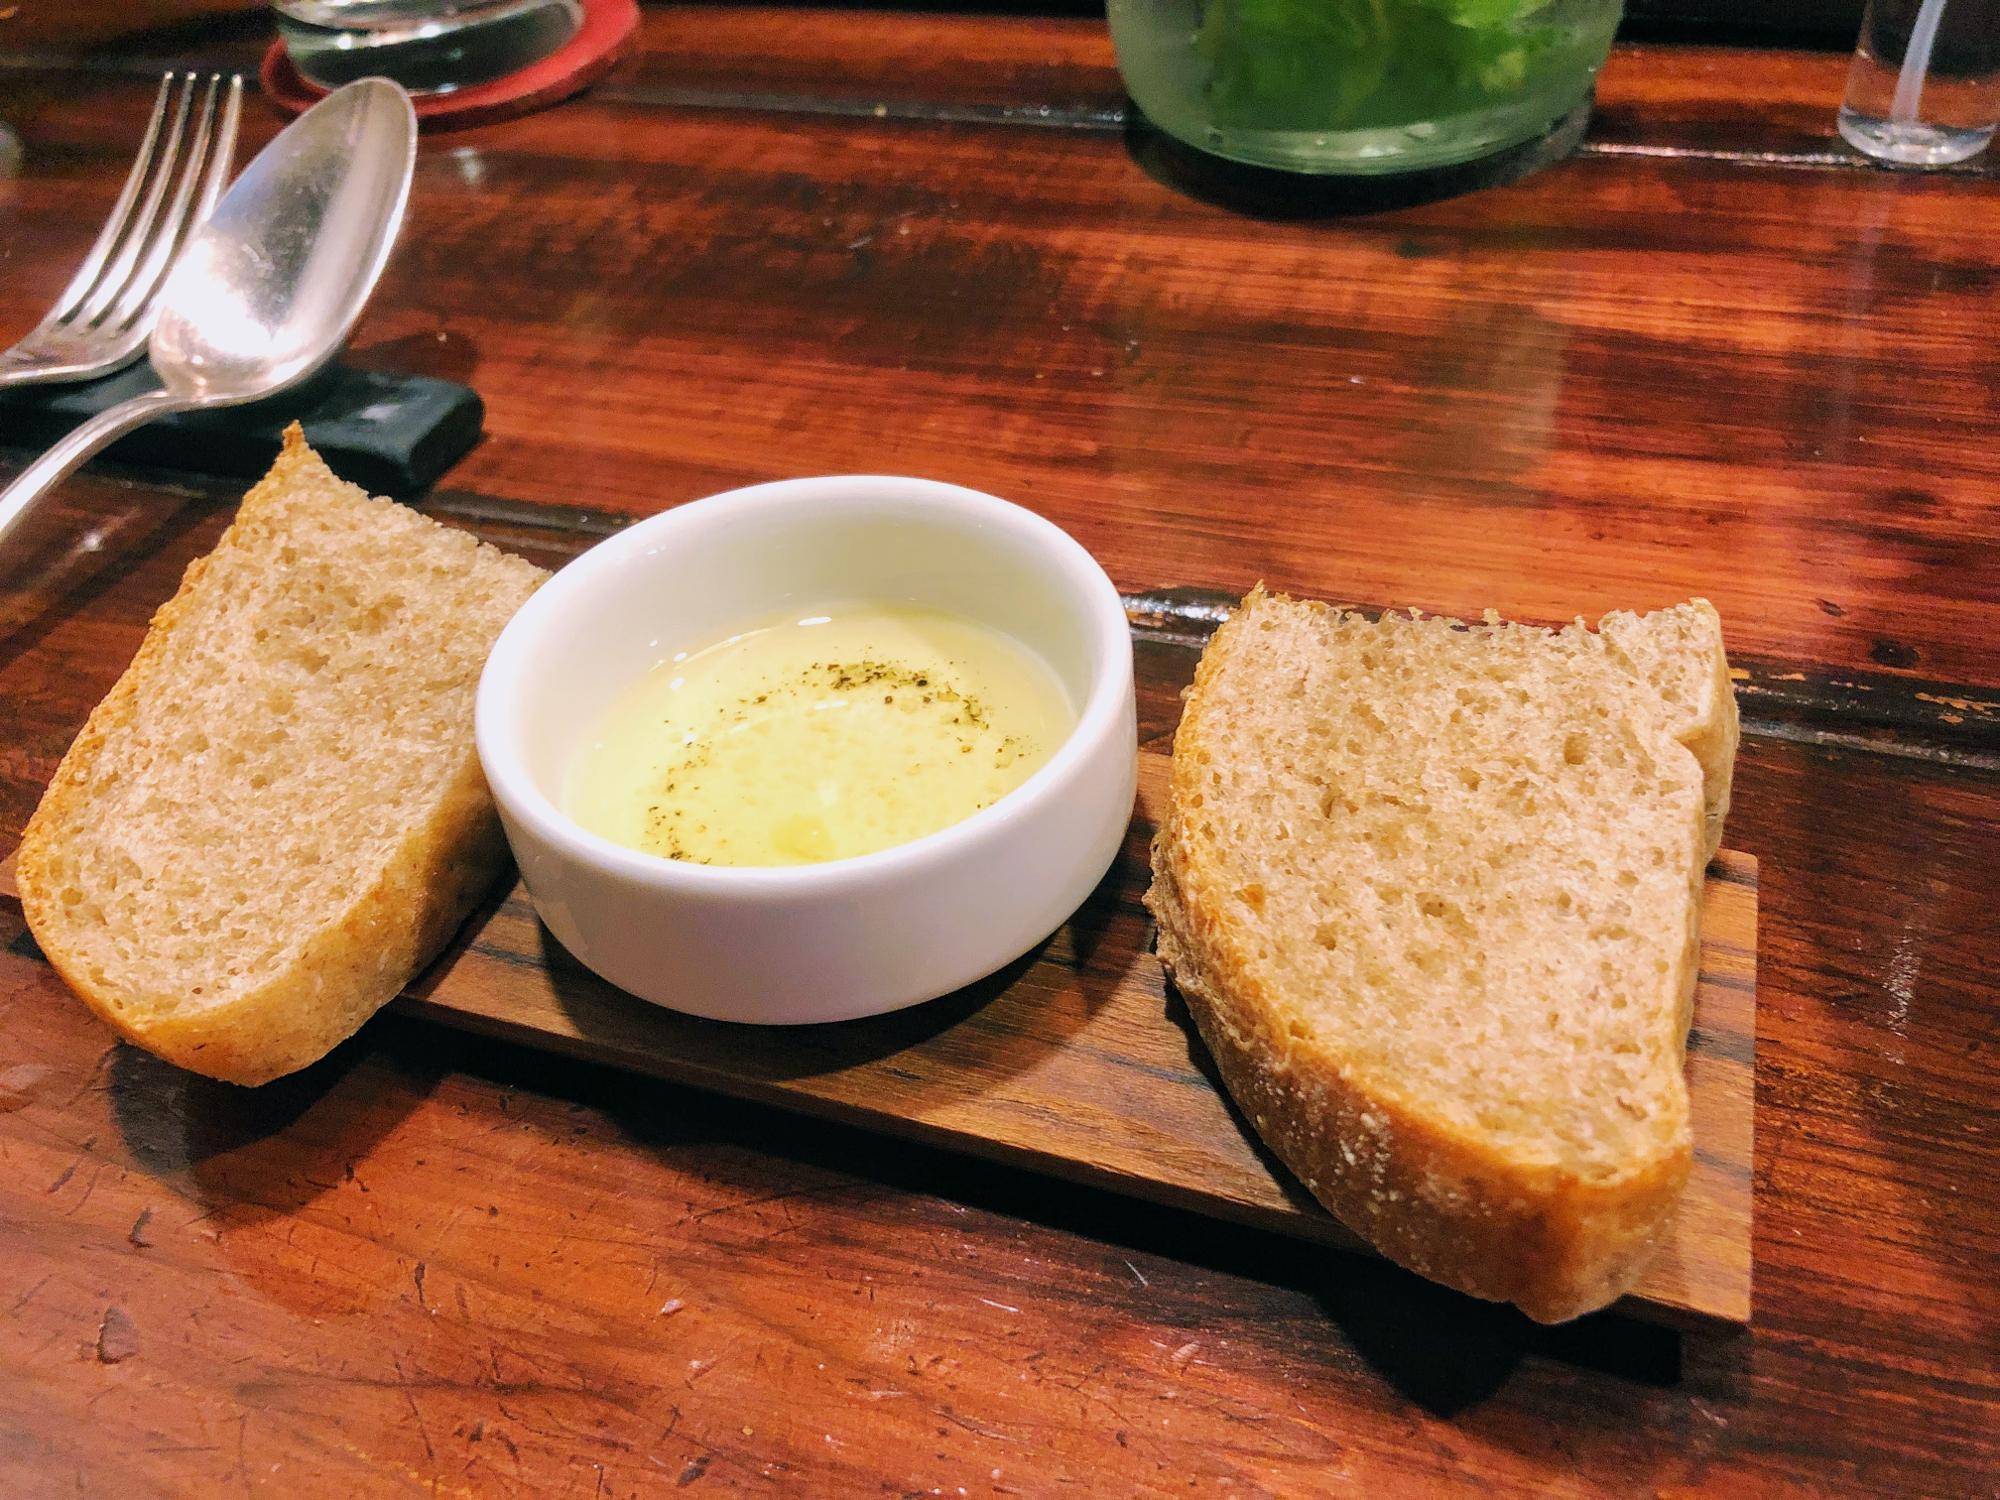 毎日焼き上げるパン・ド・カンパーニュ(田舎パン)